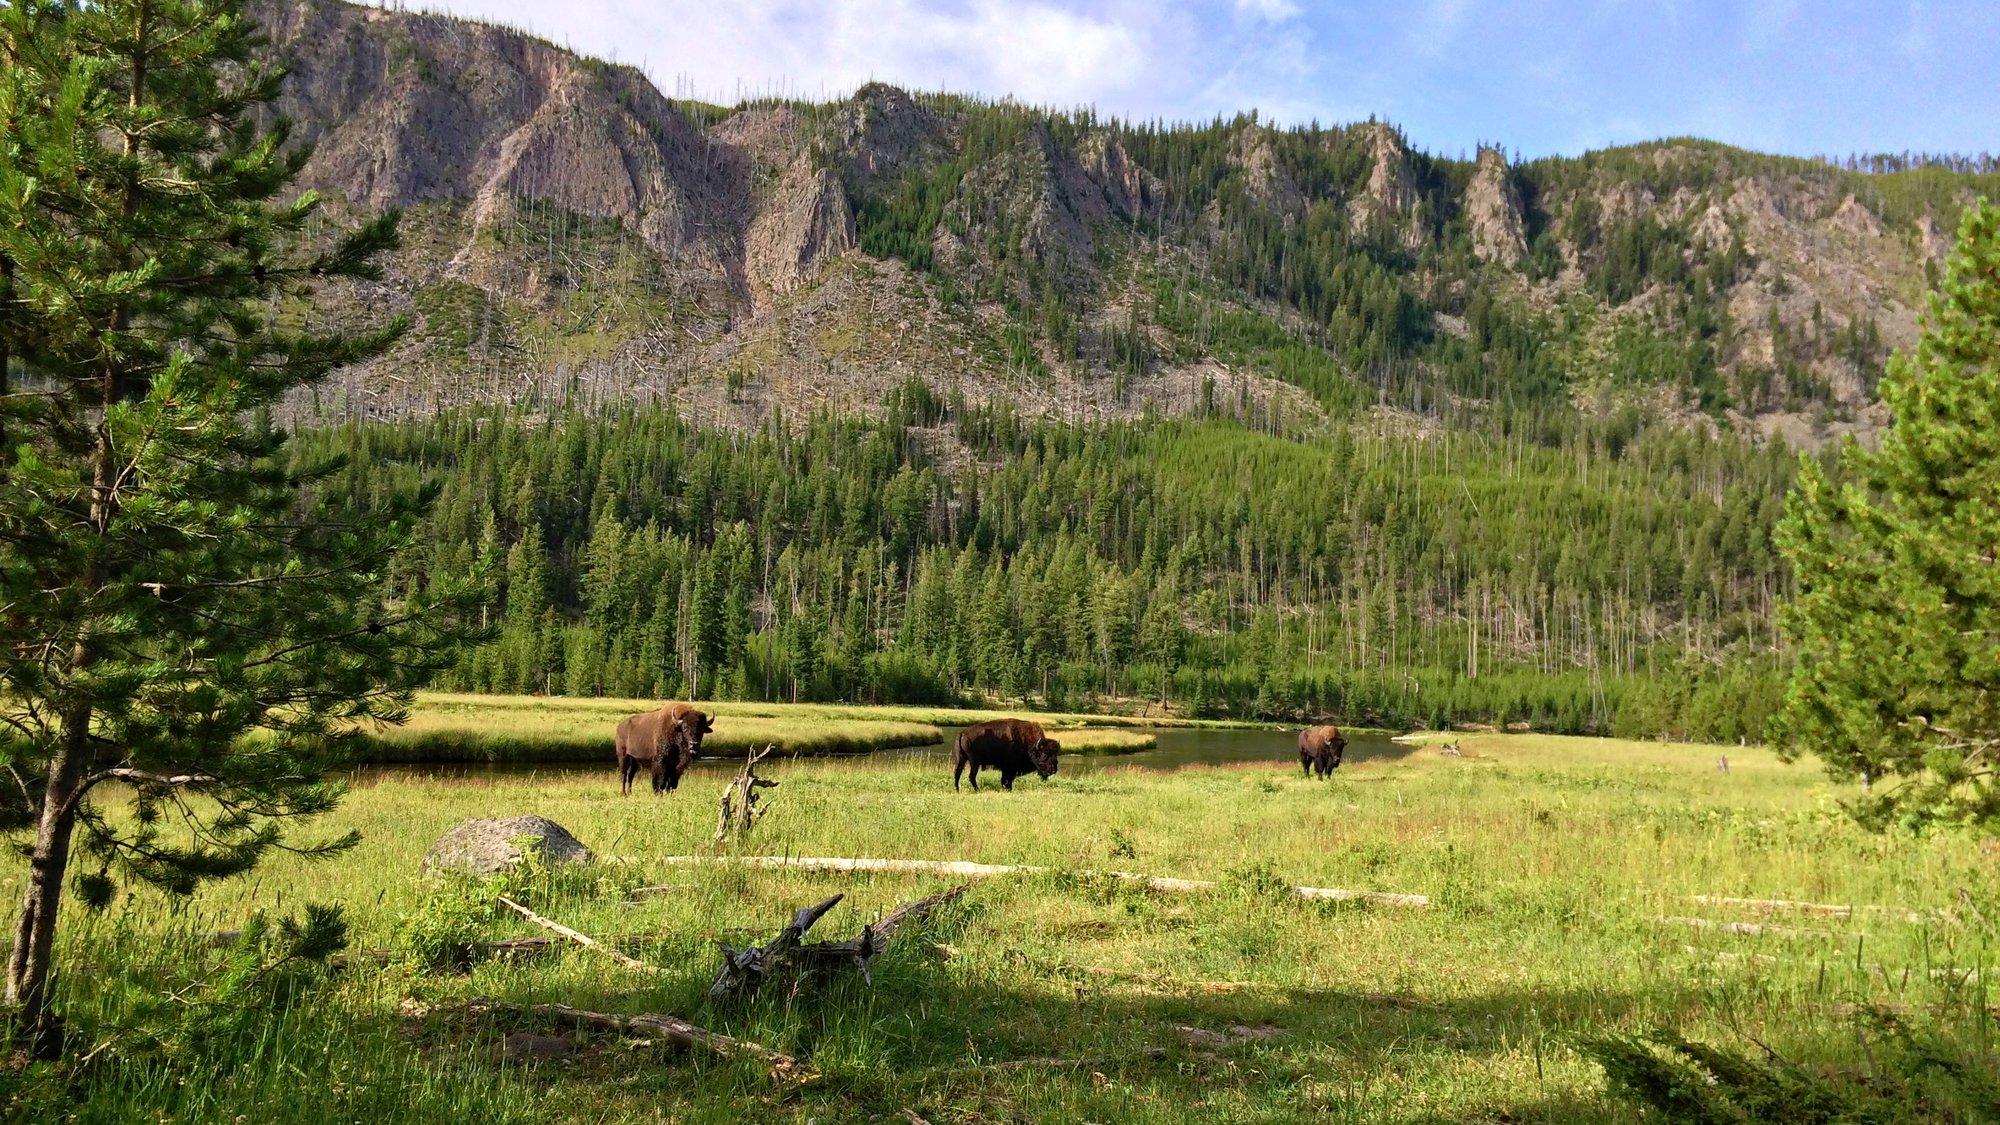 beautiful wild nature